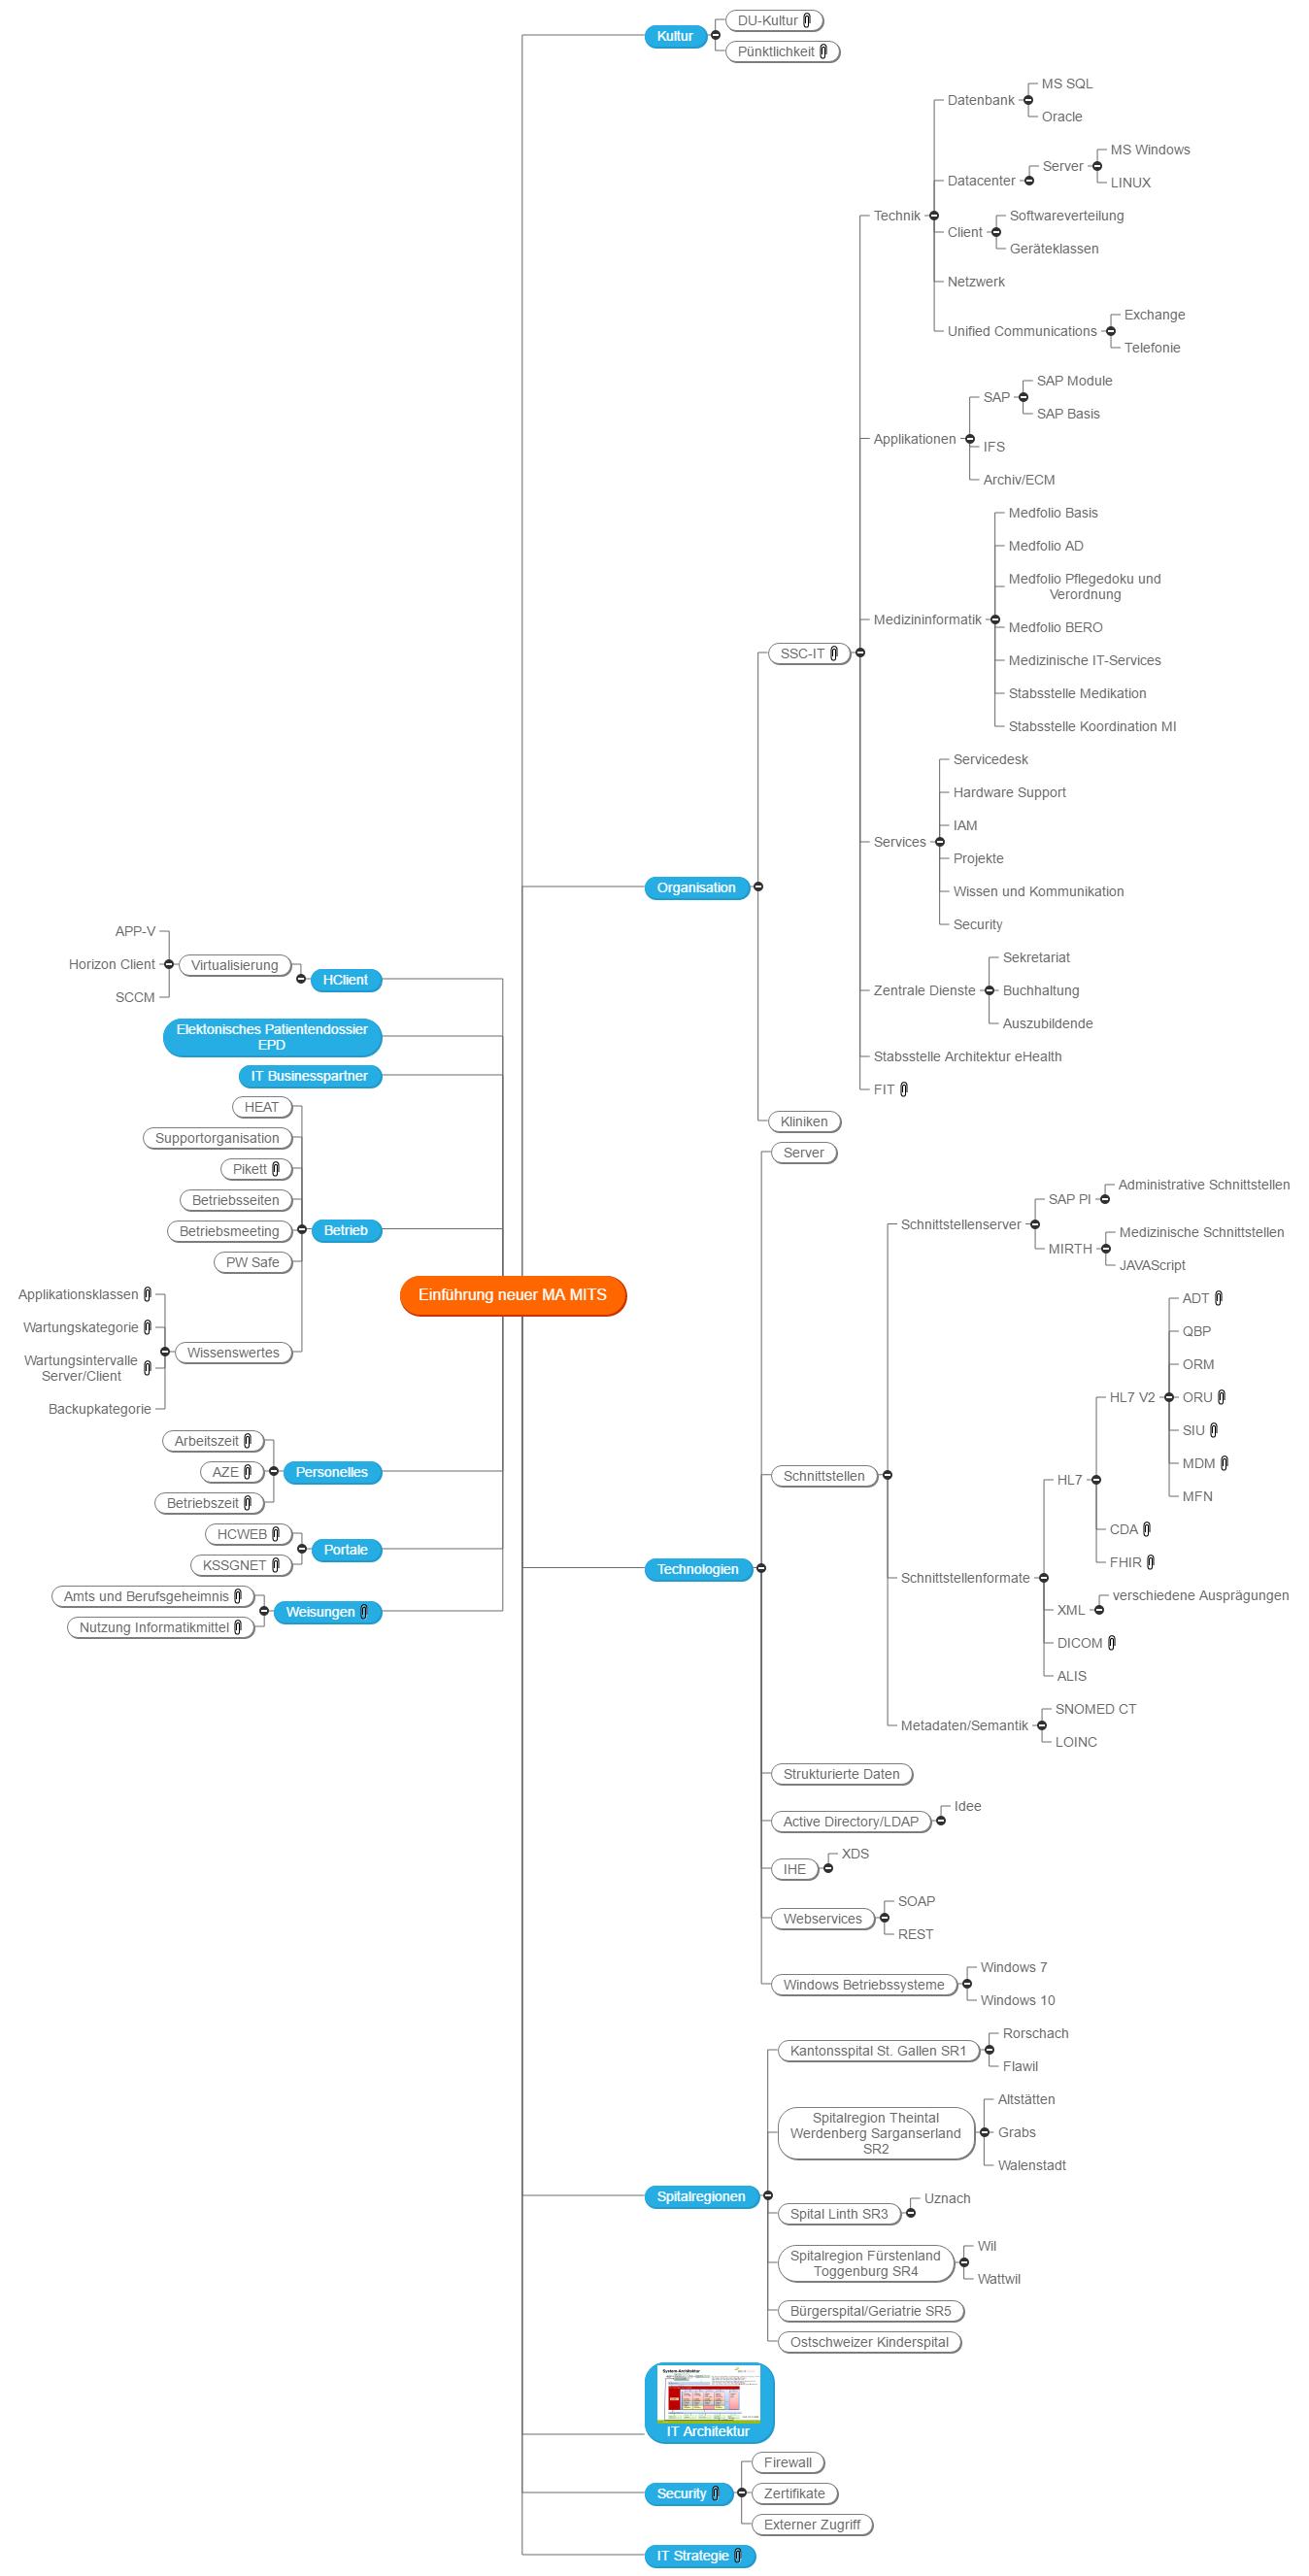 Einführung neuer MA MITS Mind Map